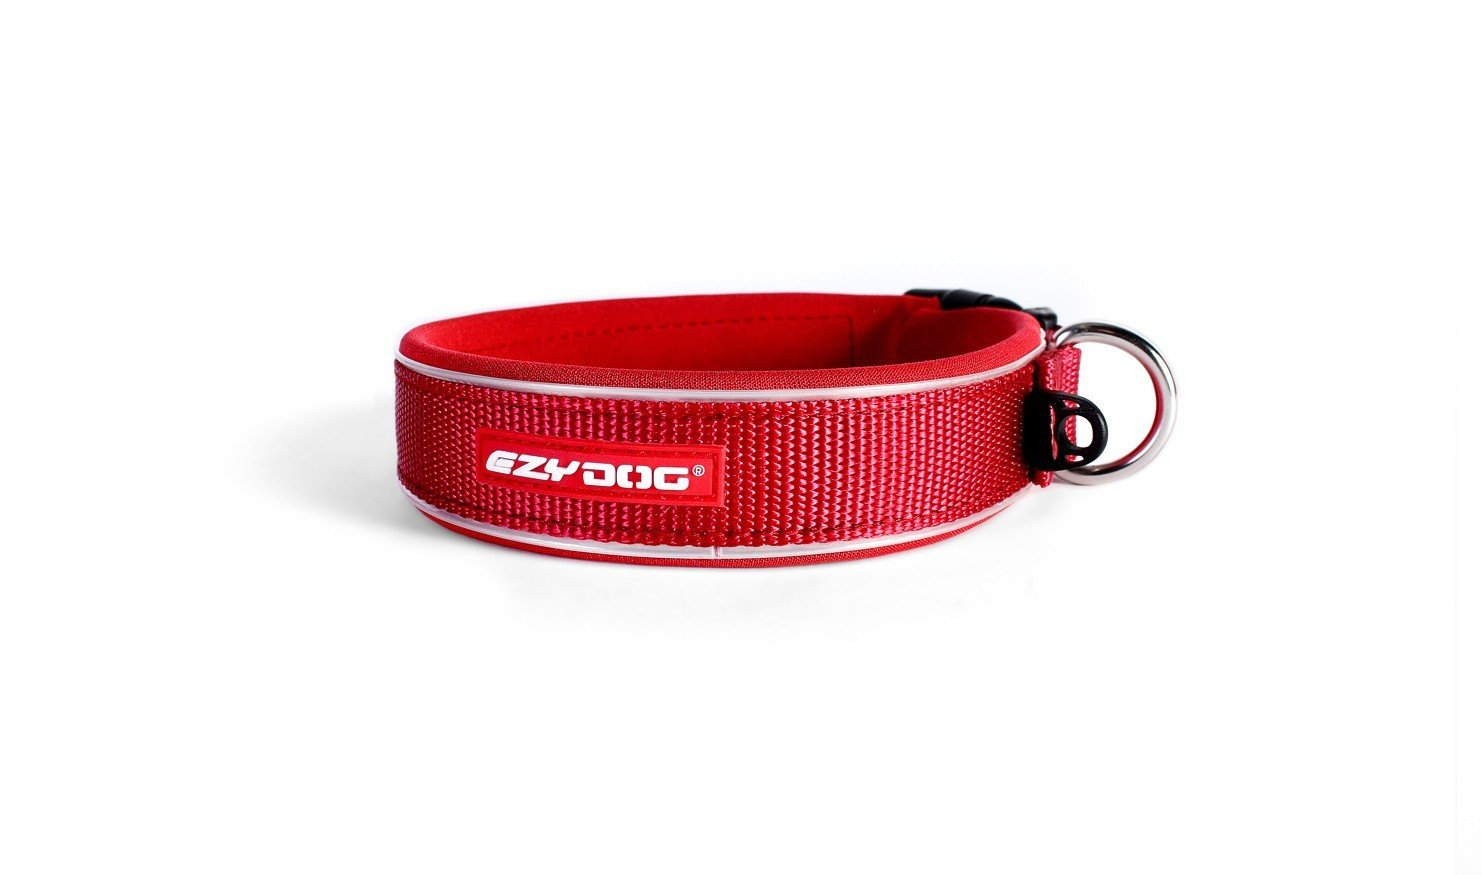 EzyDog Neo Collier pour chien  - rouge (rouge) - XS product image